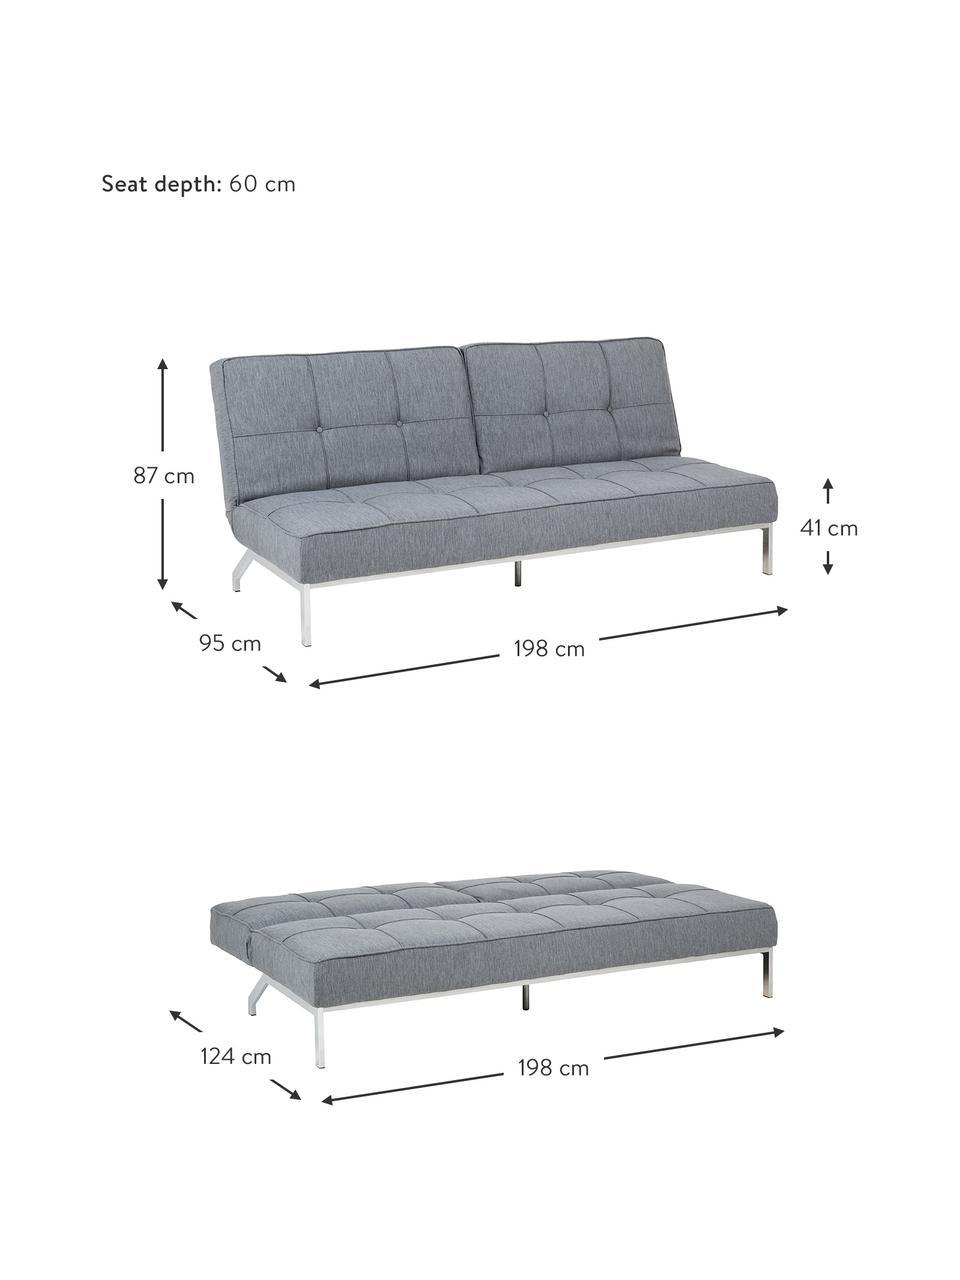 Schlafsofa Perugia in Grau mit Metall-Füßen, ausklappbar, Bezug: Polyester Der hochwertige, Füße: Metall, lackiert, Webstoff Hellgrau, B 198 x T 95 cm